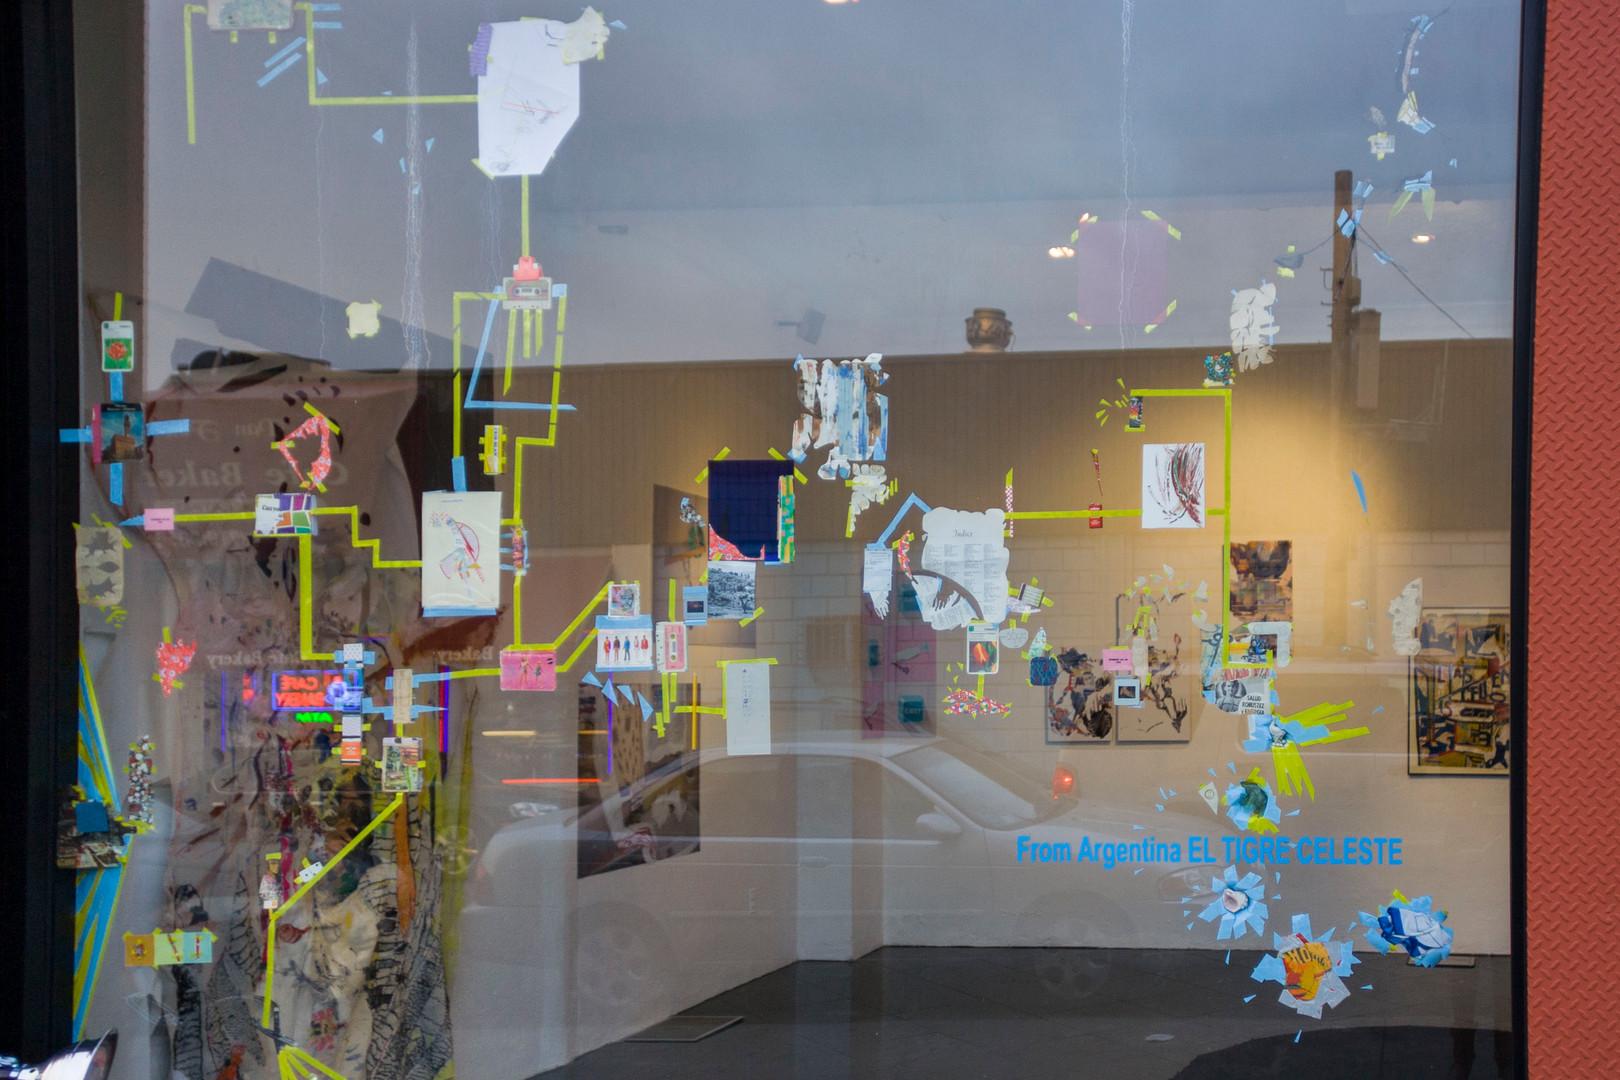 Installation on Y Gallery showcase by Celeste Najt & Nicolas Sobrero.